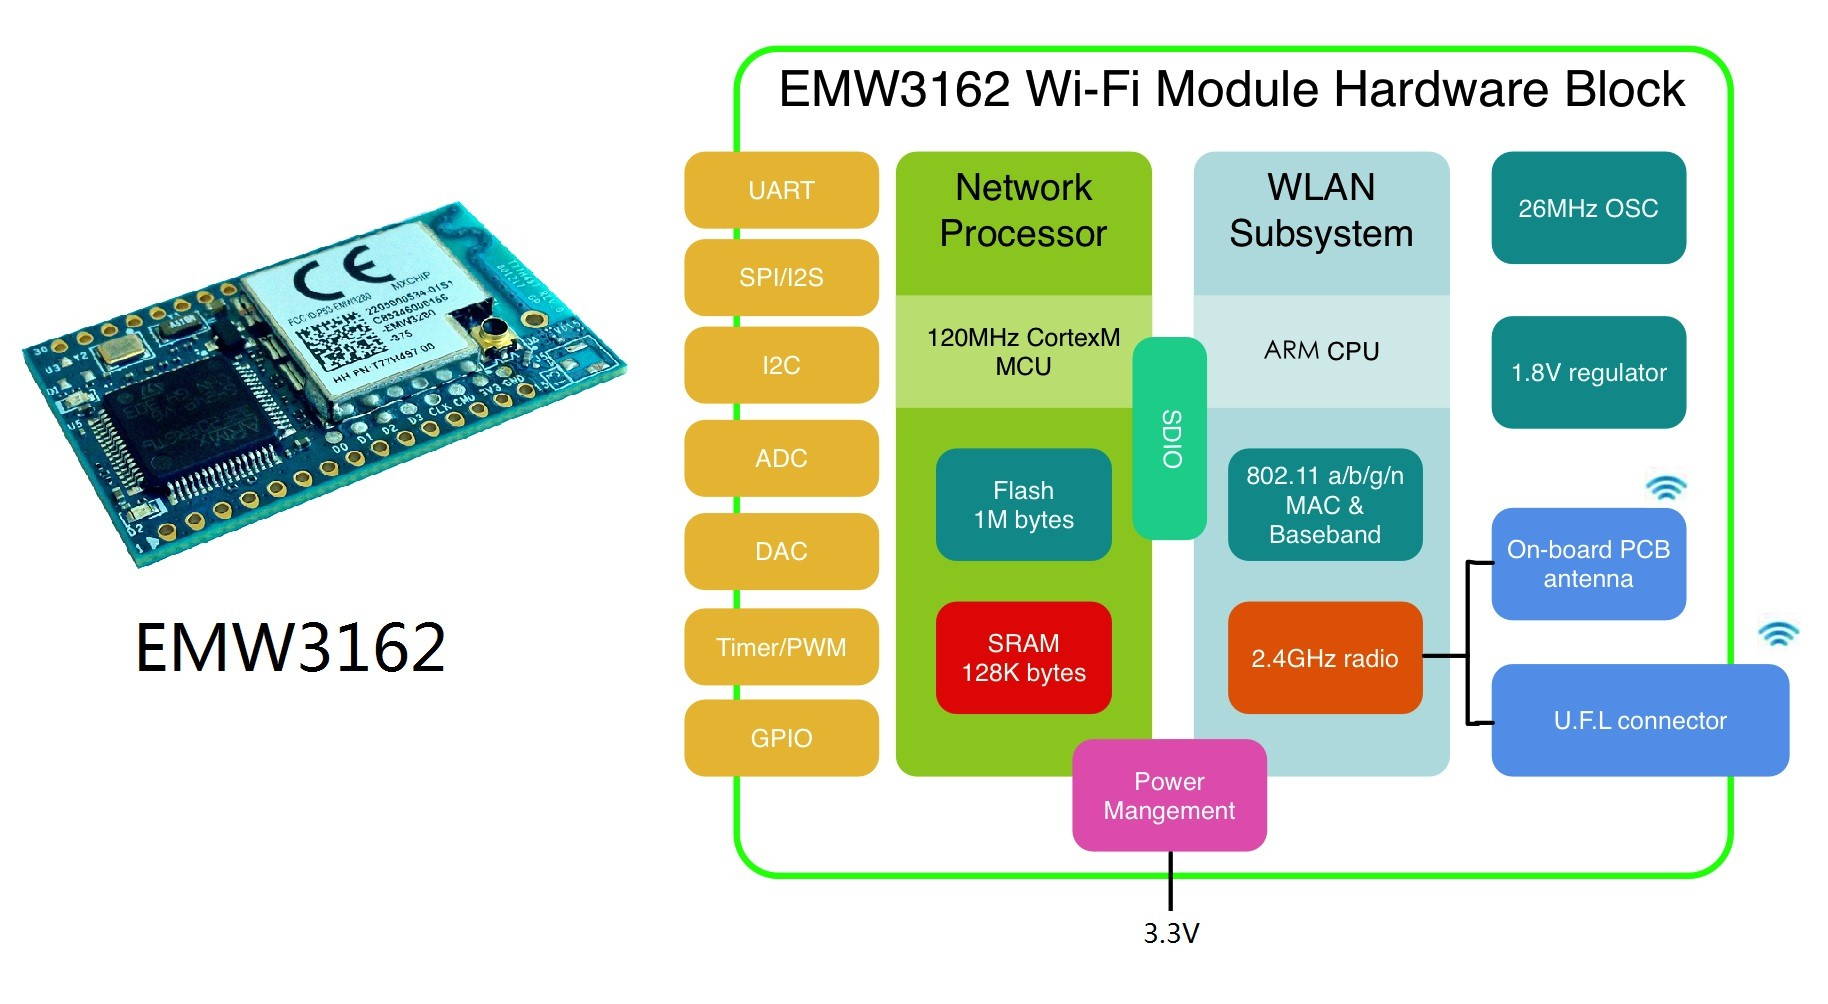 EMW3162 WiFi Module